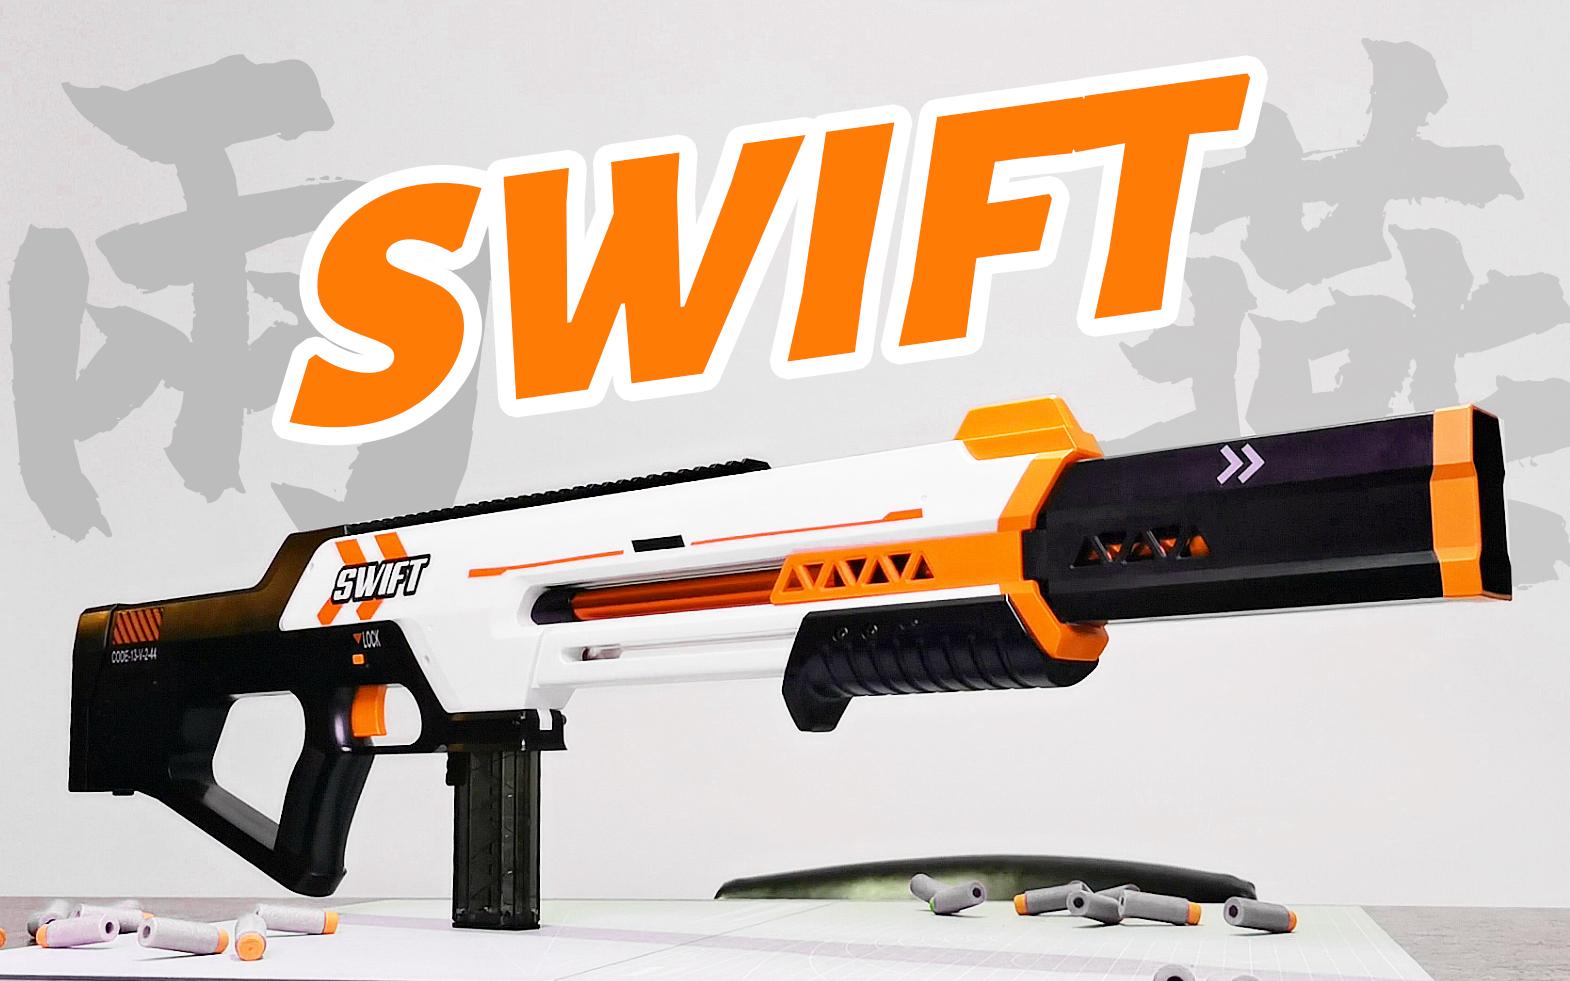 【志气NERF测评】雨燕SWIF - 工匠大师(上集) - 软弹发射器